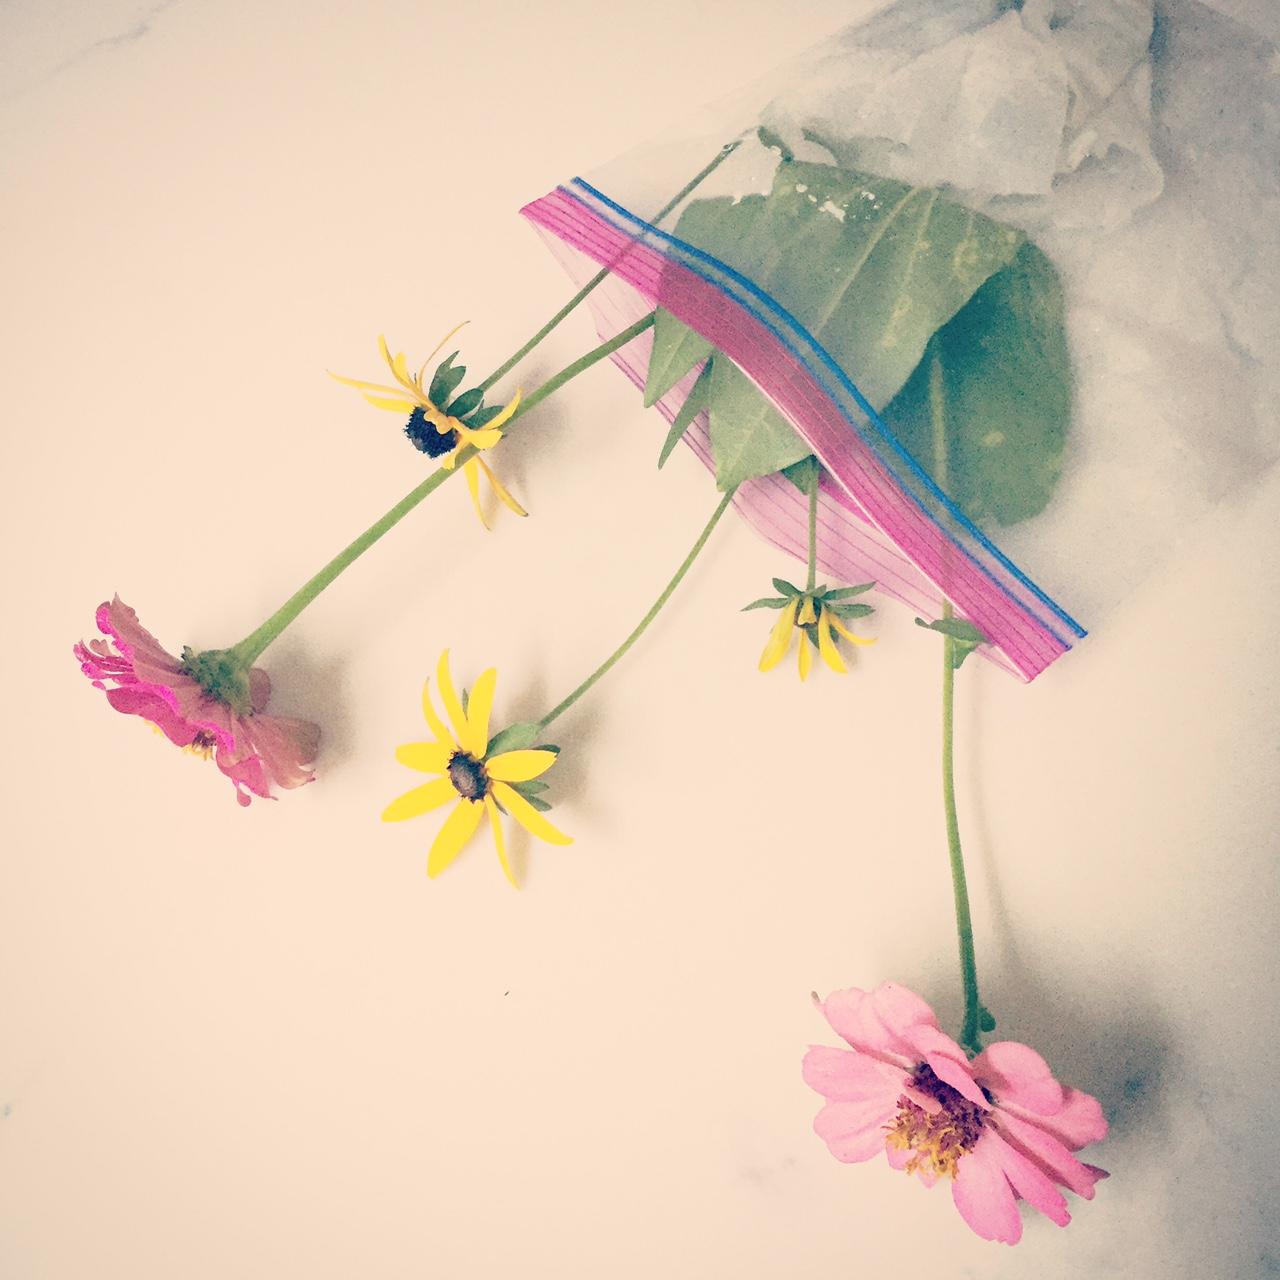 flowers in baggie.JPG